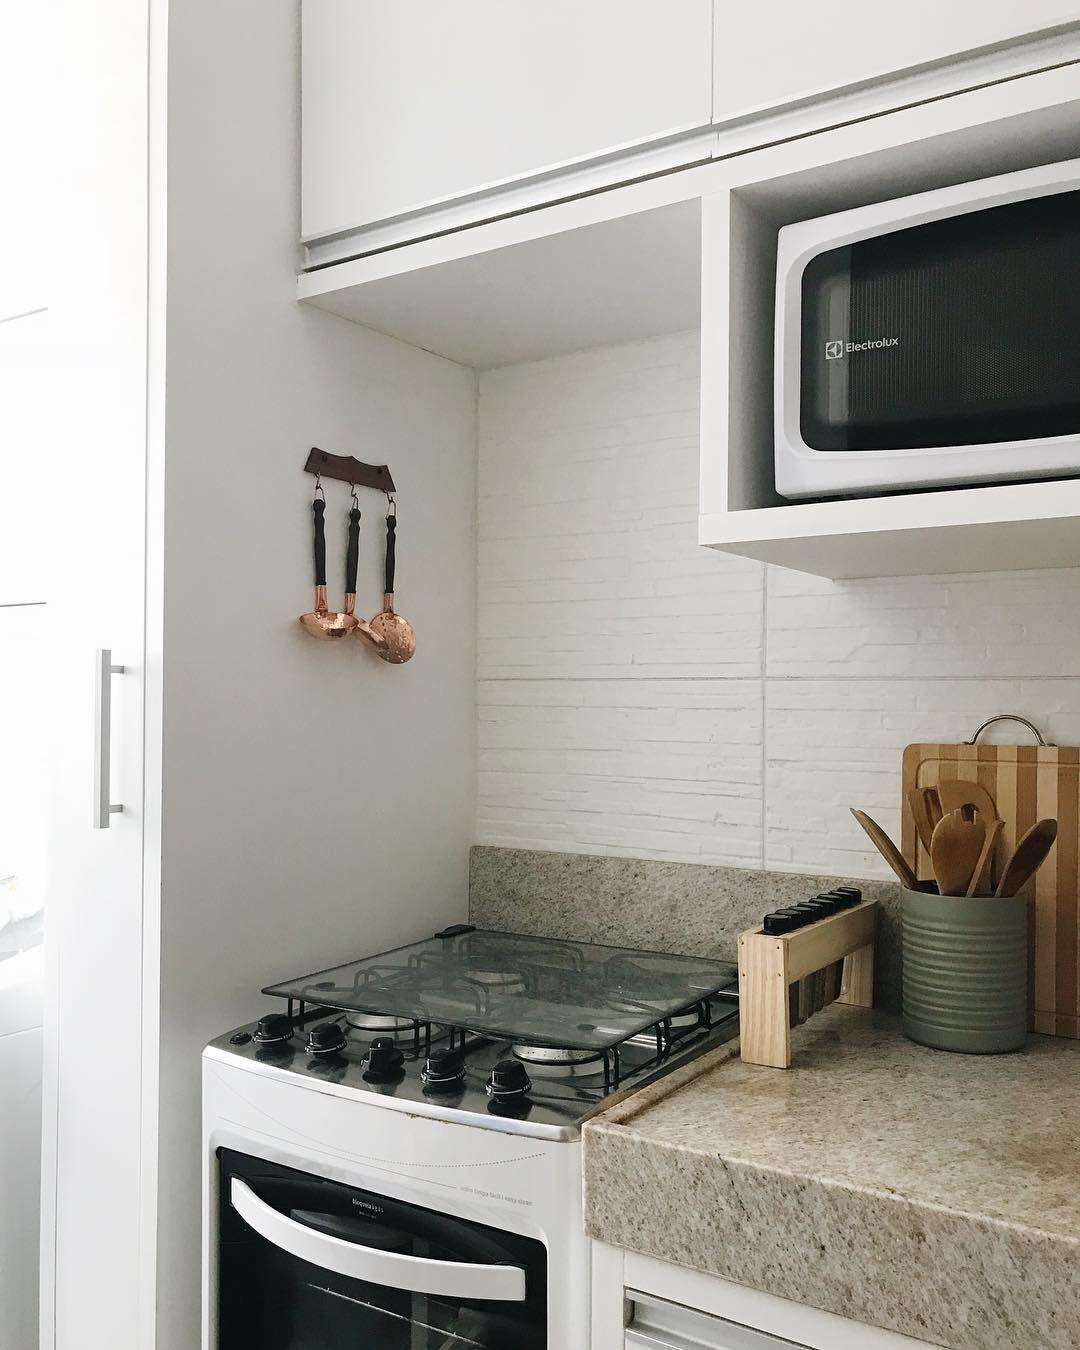 Cozinha De Patricia Moreira Em Cozinha Cozinha Minimalista